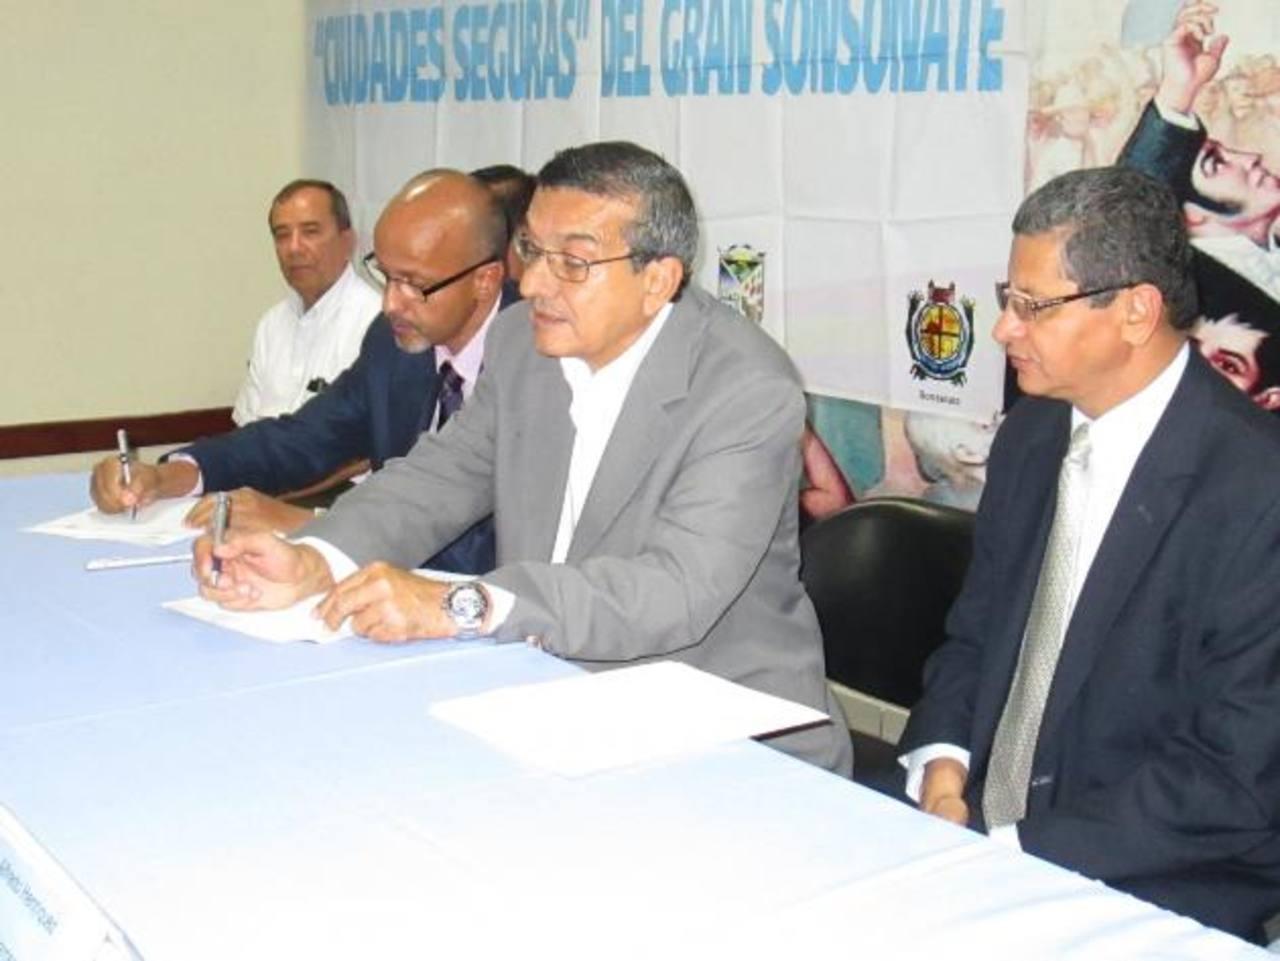 La firma del convenio se realizó en la alcaldía de Sonsonate. Estuvieron presentes representantes de entidades relacionadas con la prevención de la violencia. Foto EDH / CORTESÍA